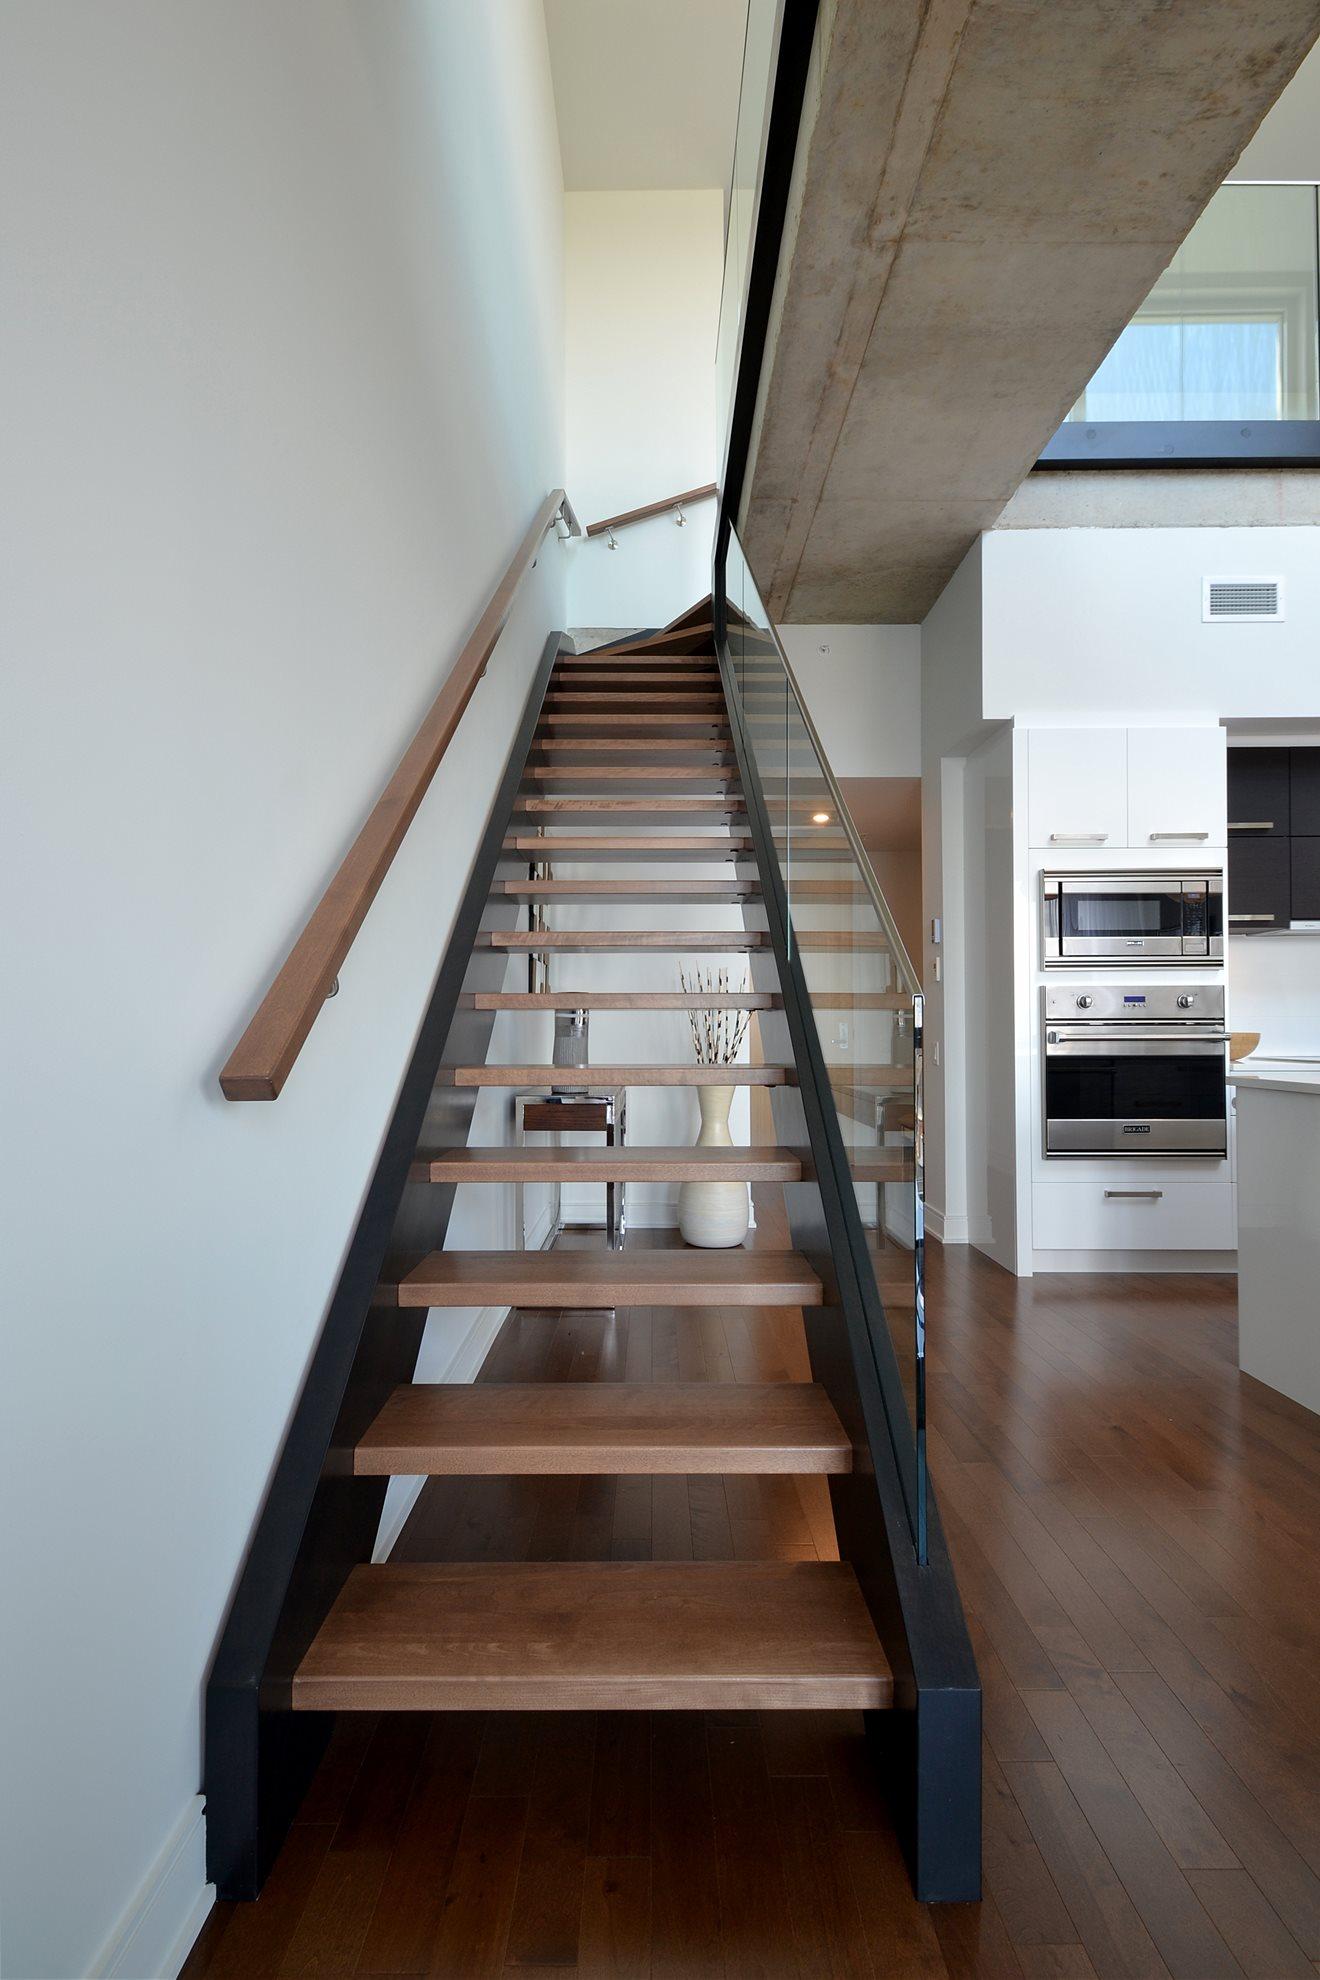 Escalier panneaux de verre